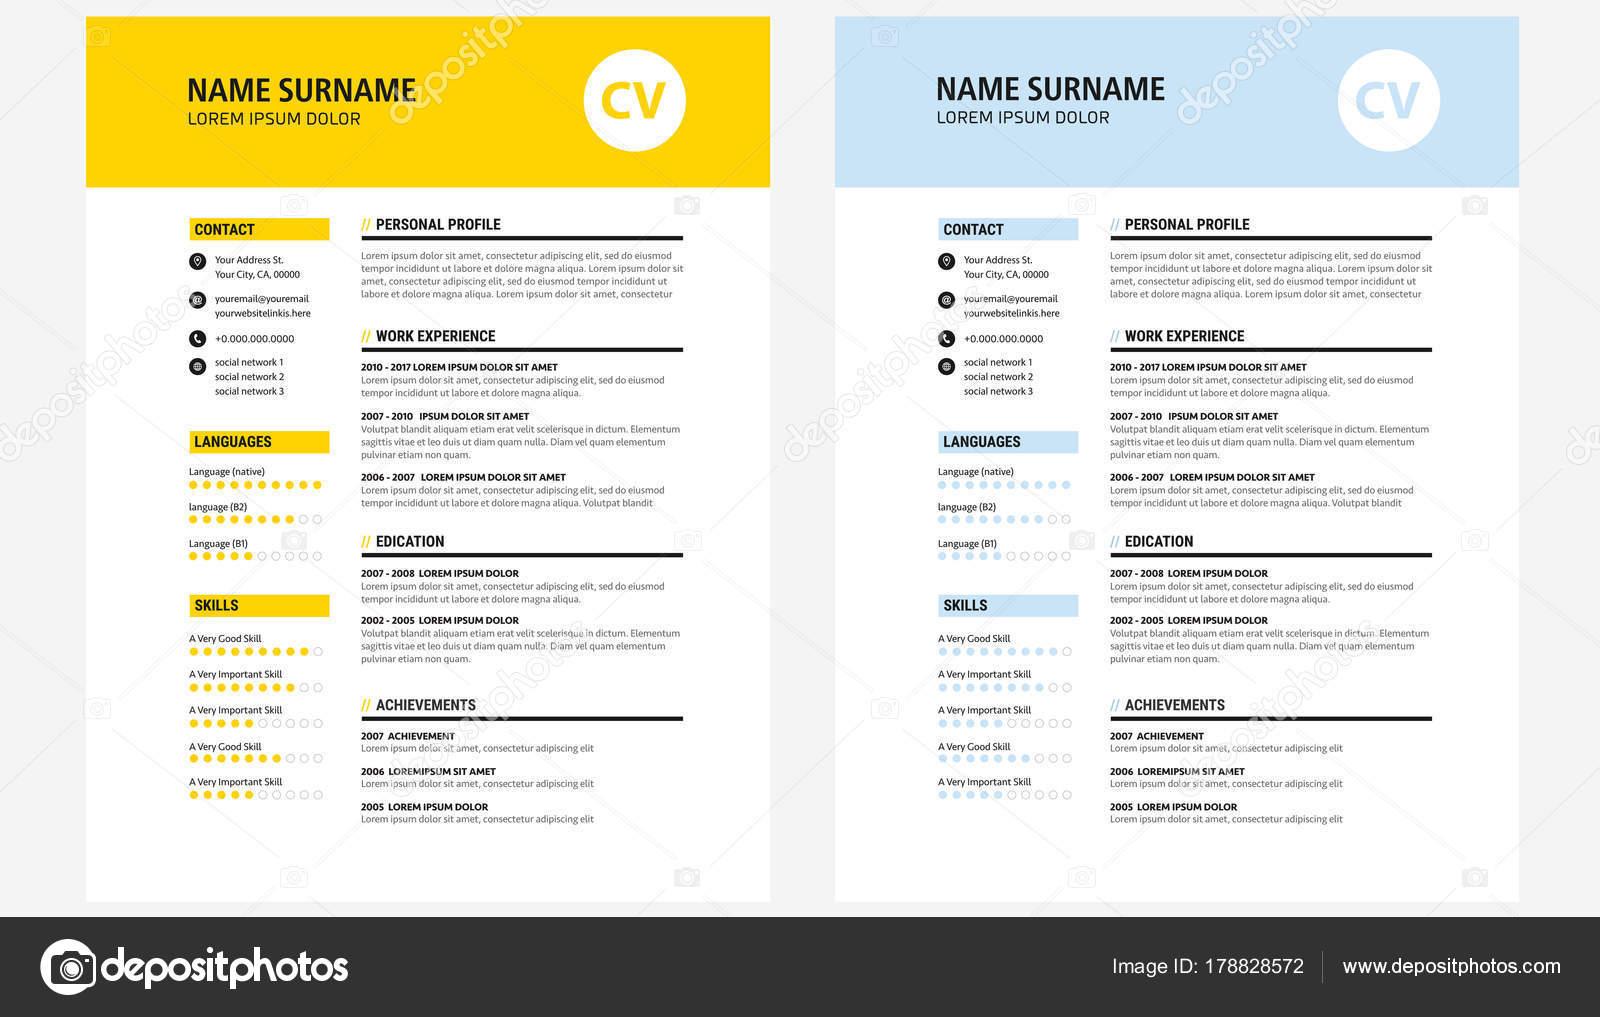 CV / reanudar diseño plantilla amarillo y oscuro azul - vector ...